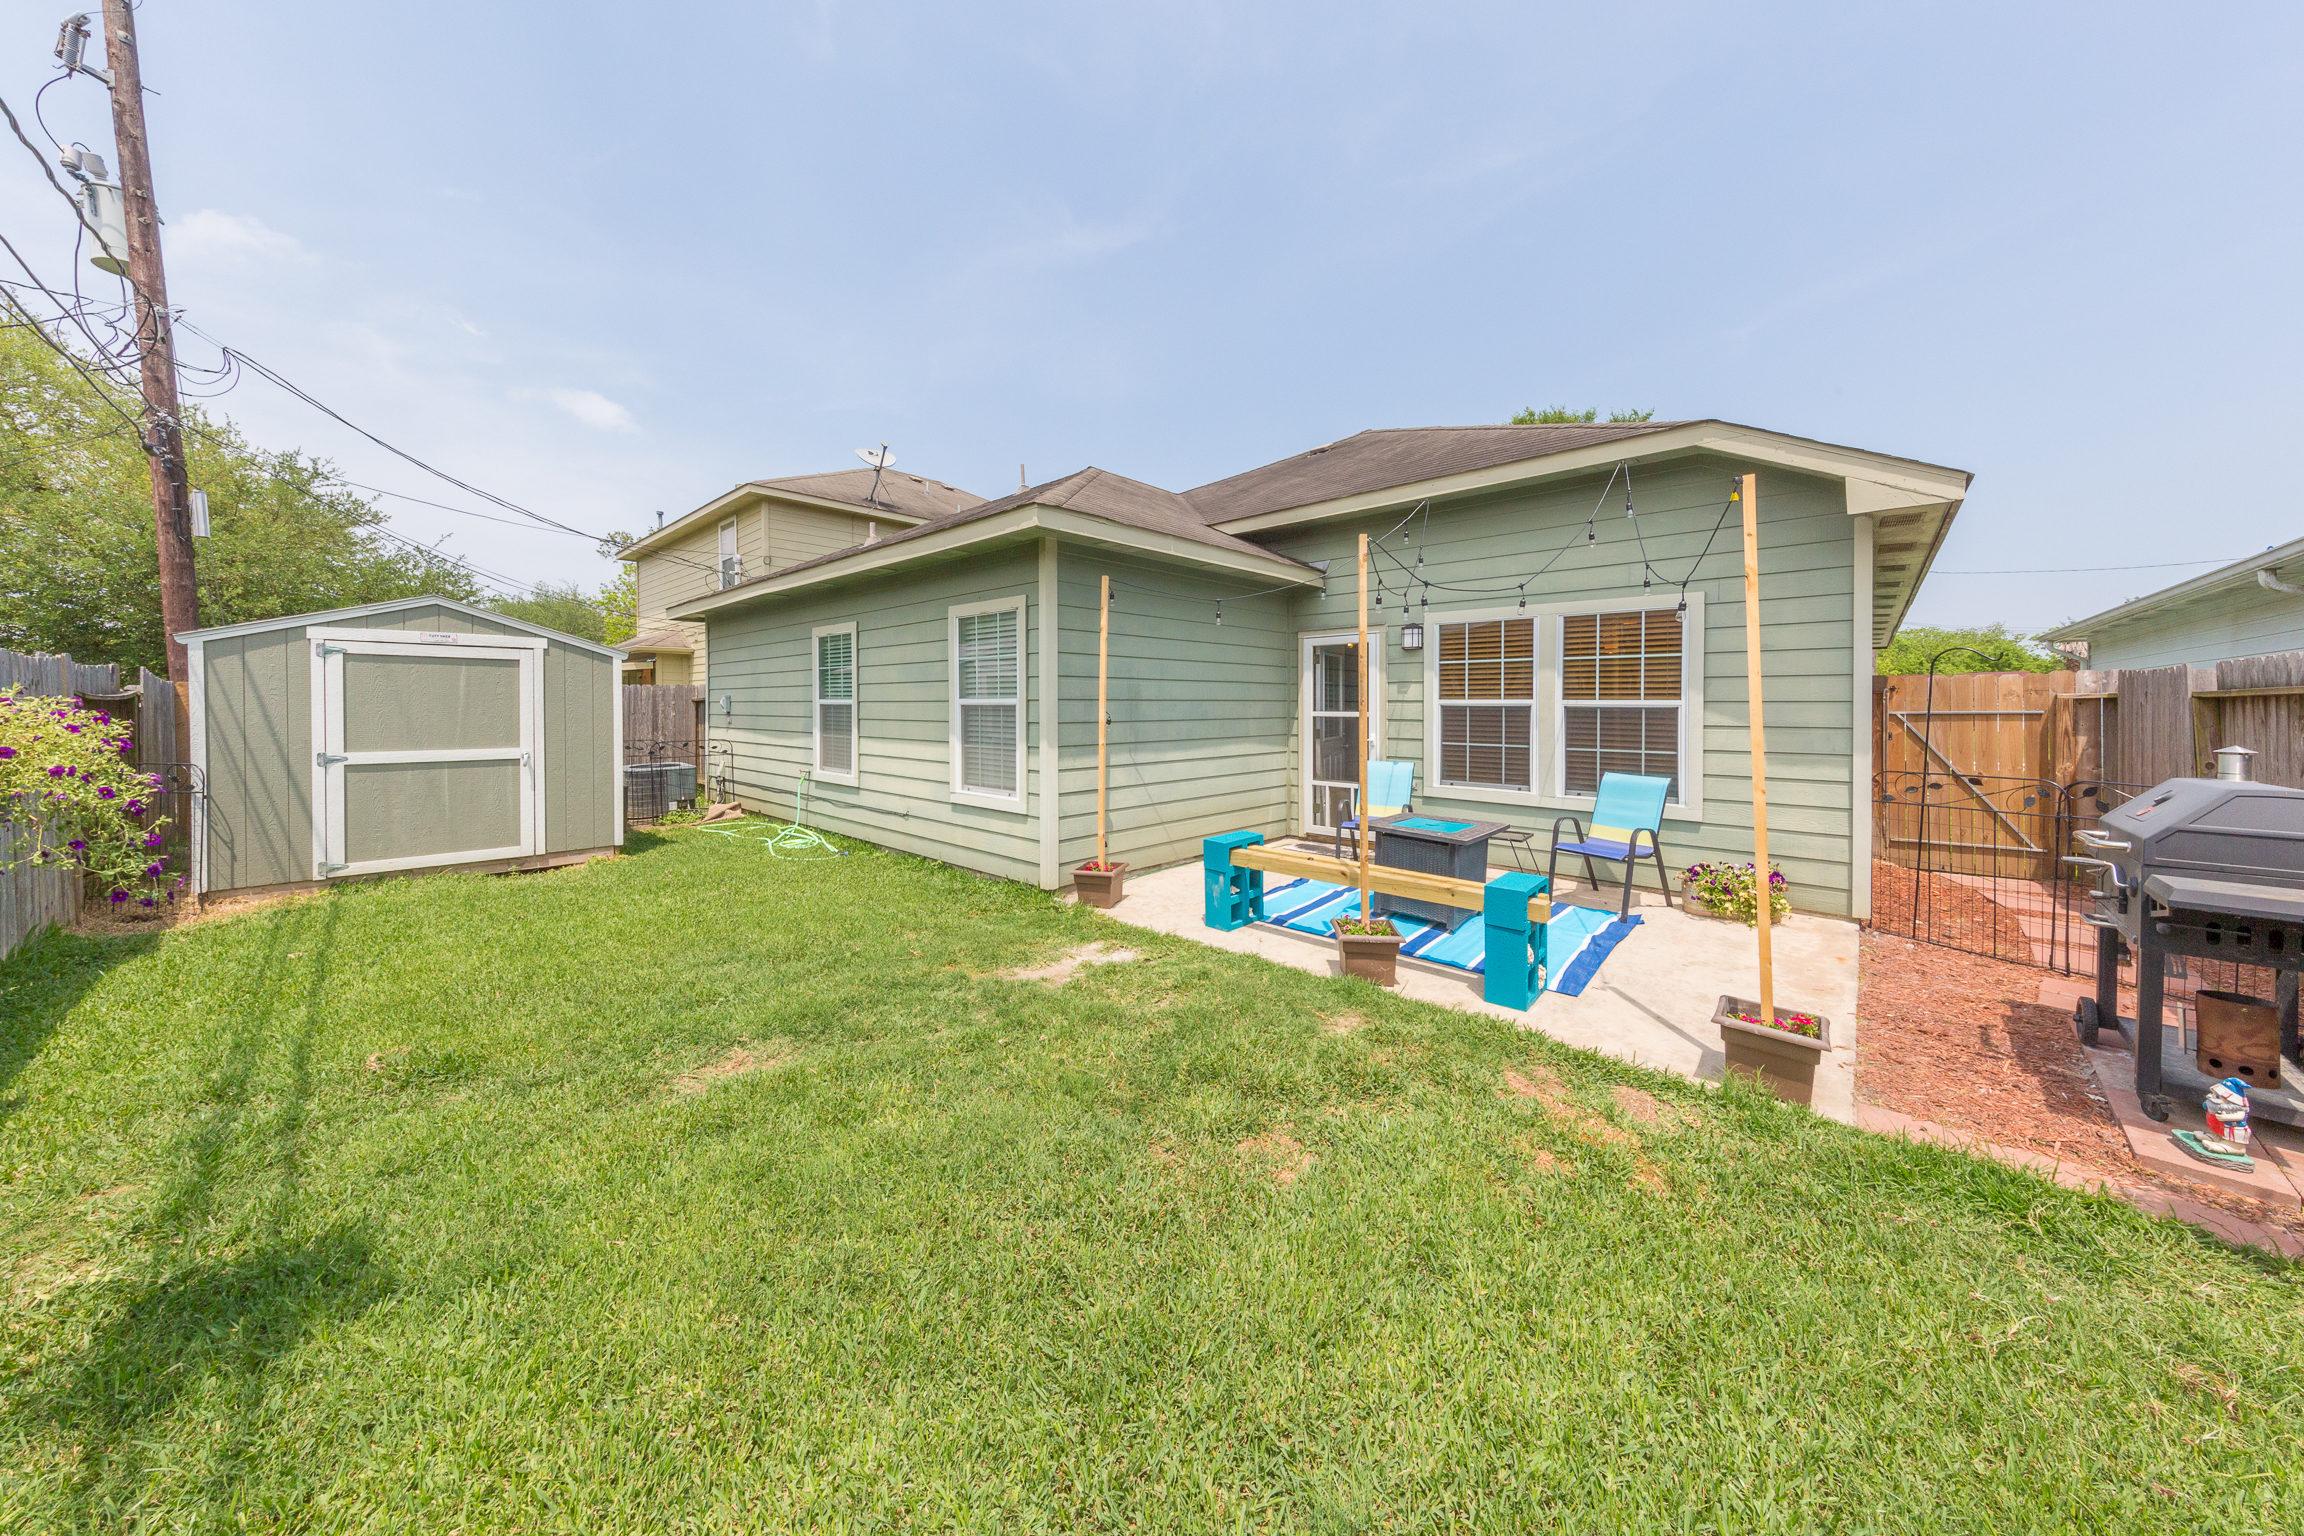 2816 C Street, La Porte, TX 77571